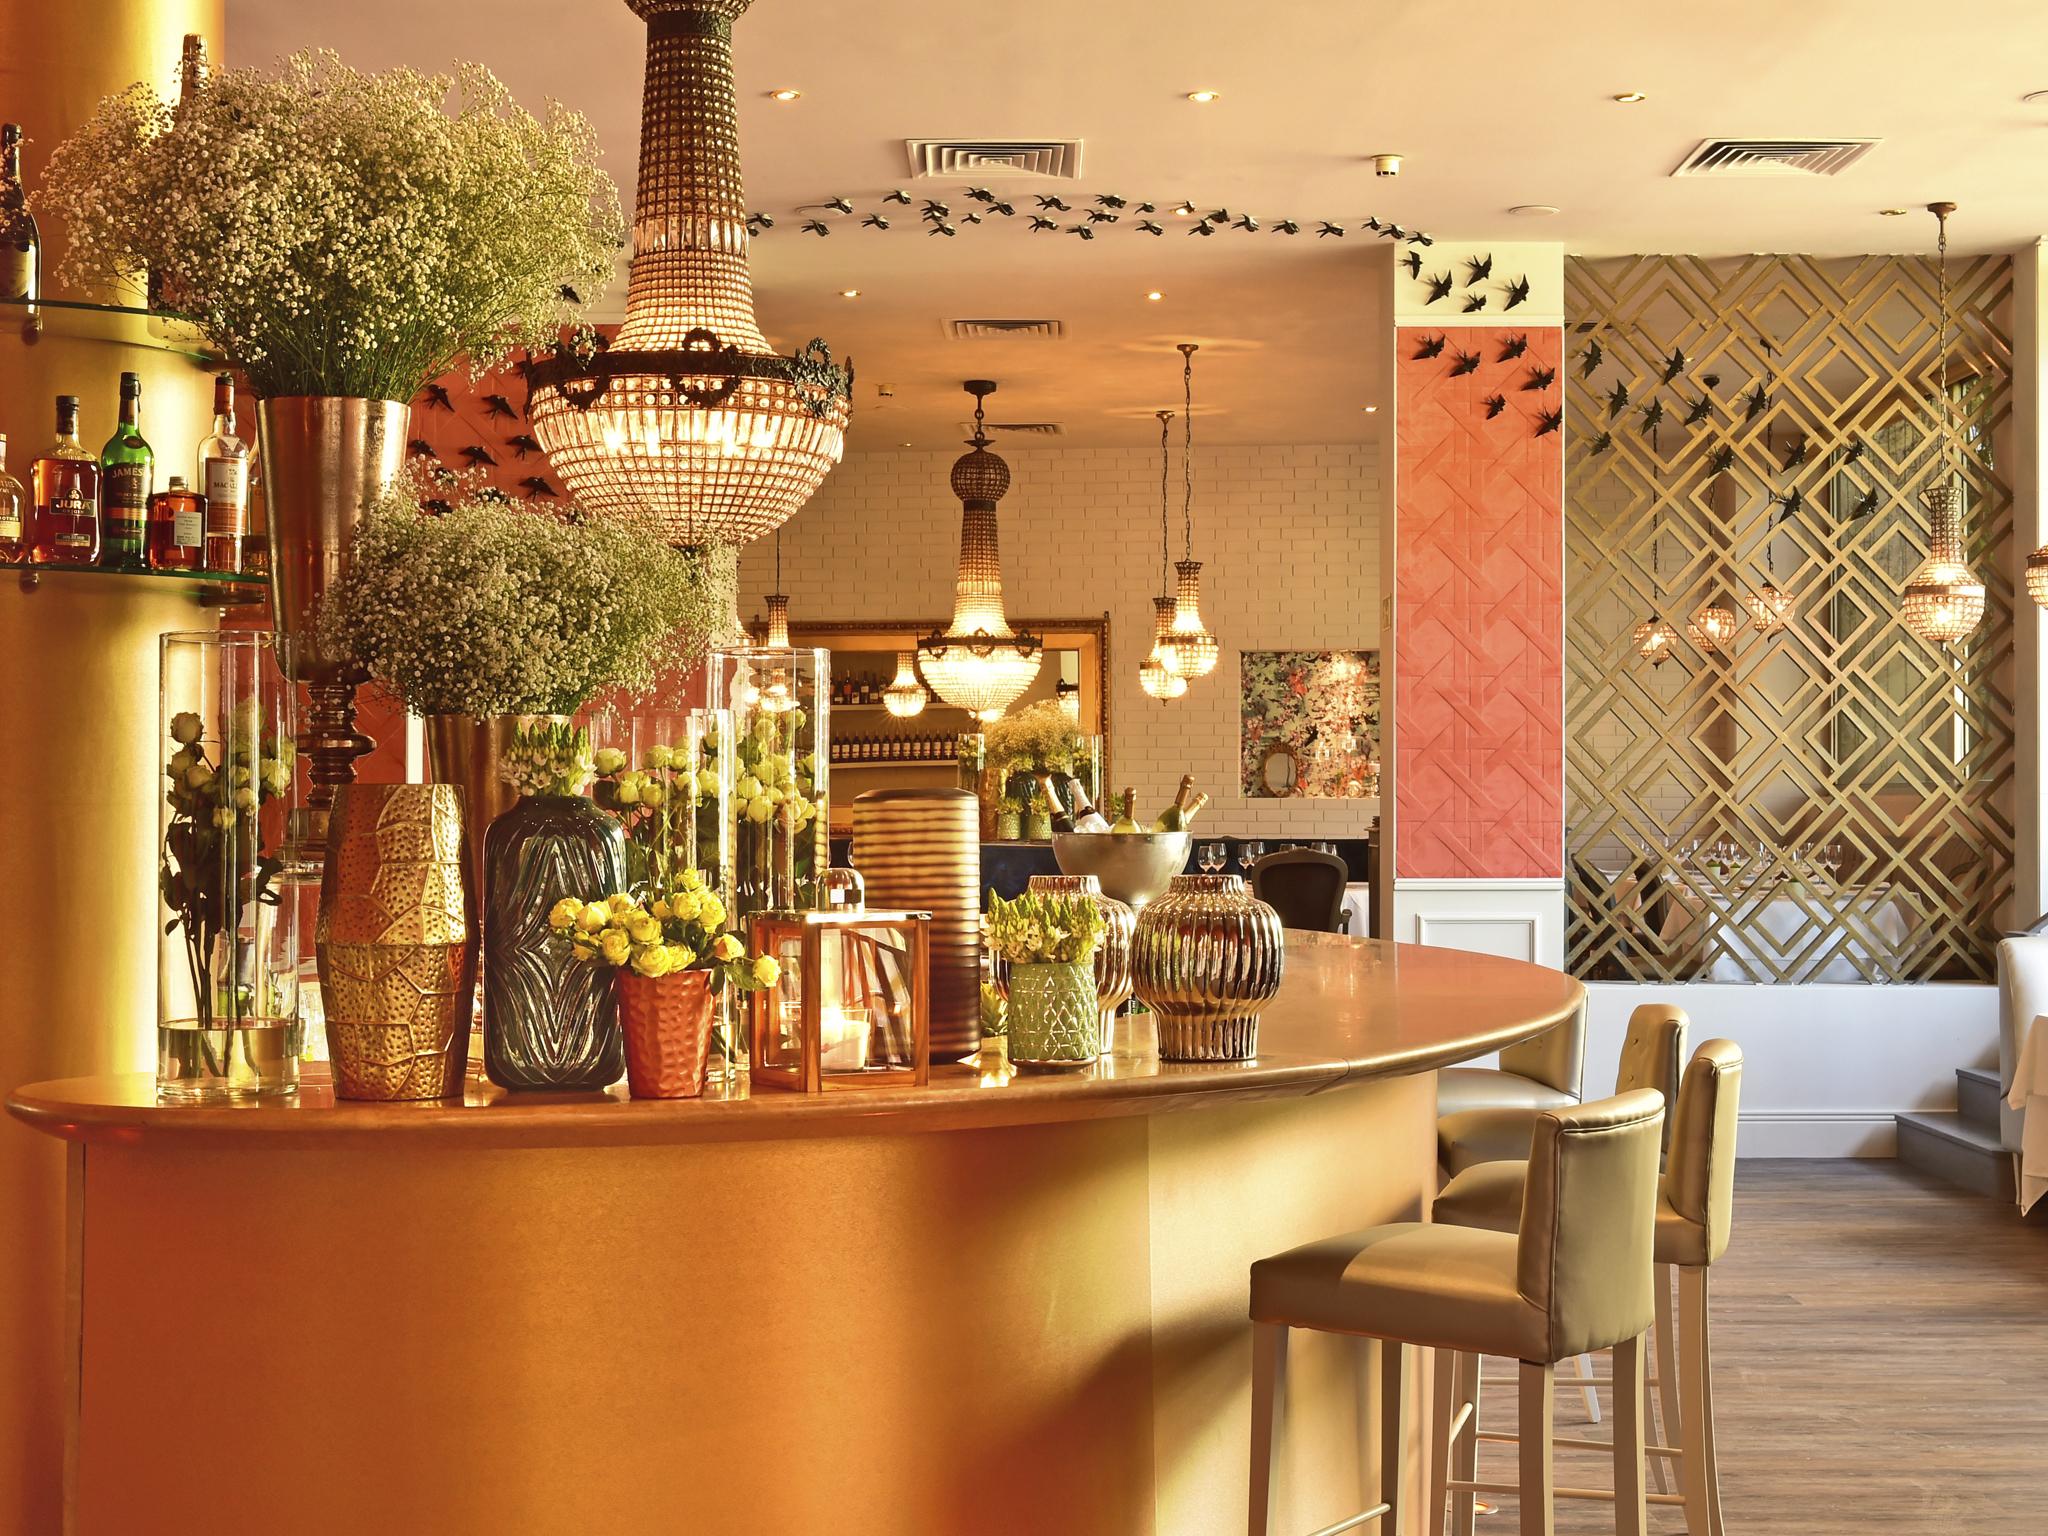 Olivier pub